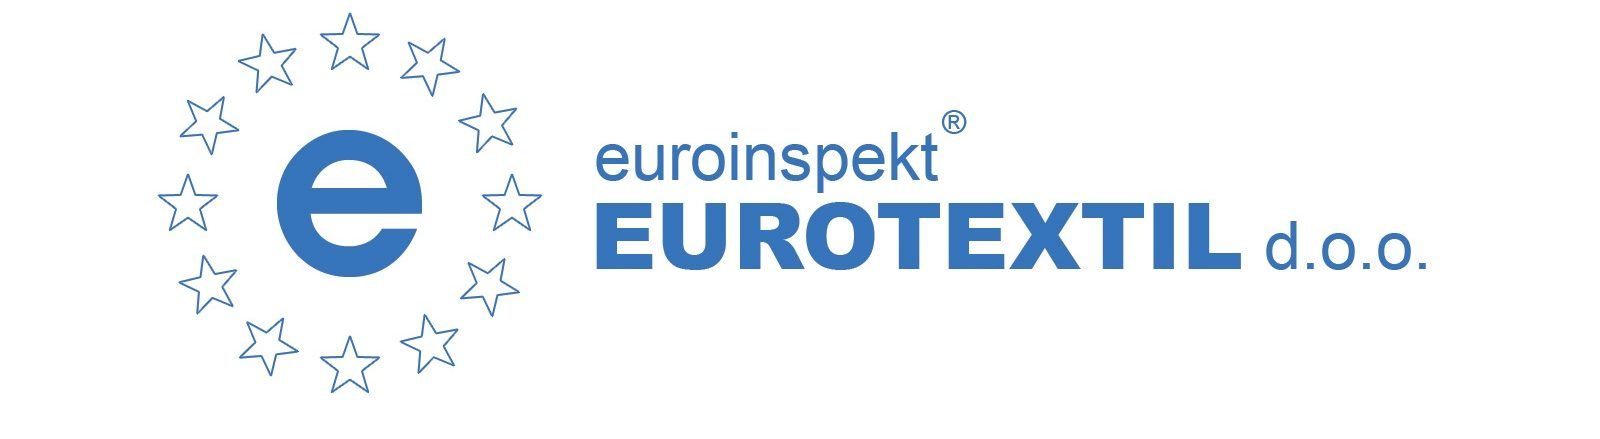 Euroinspekt-Eurotextil